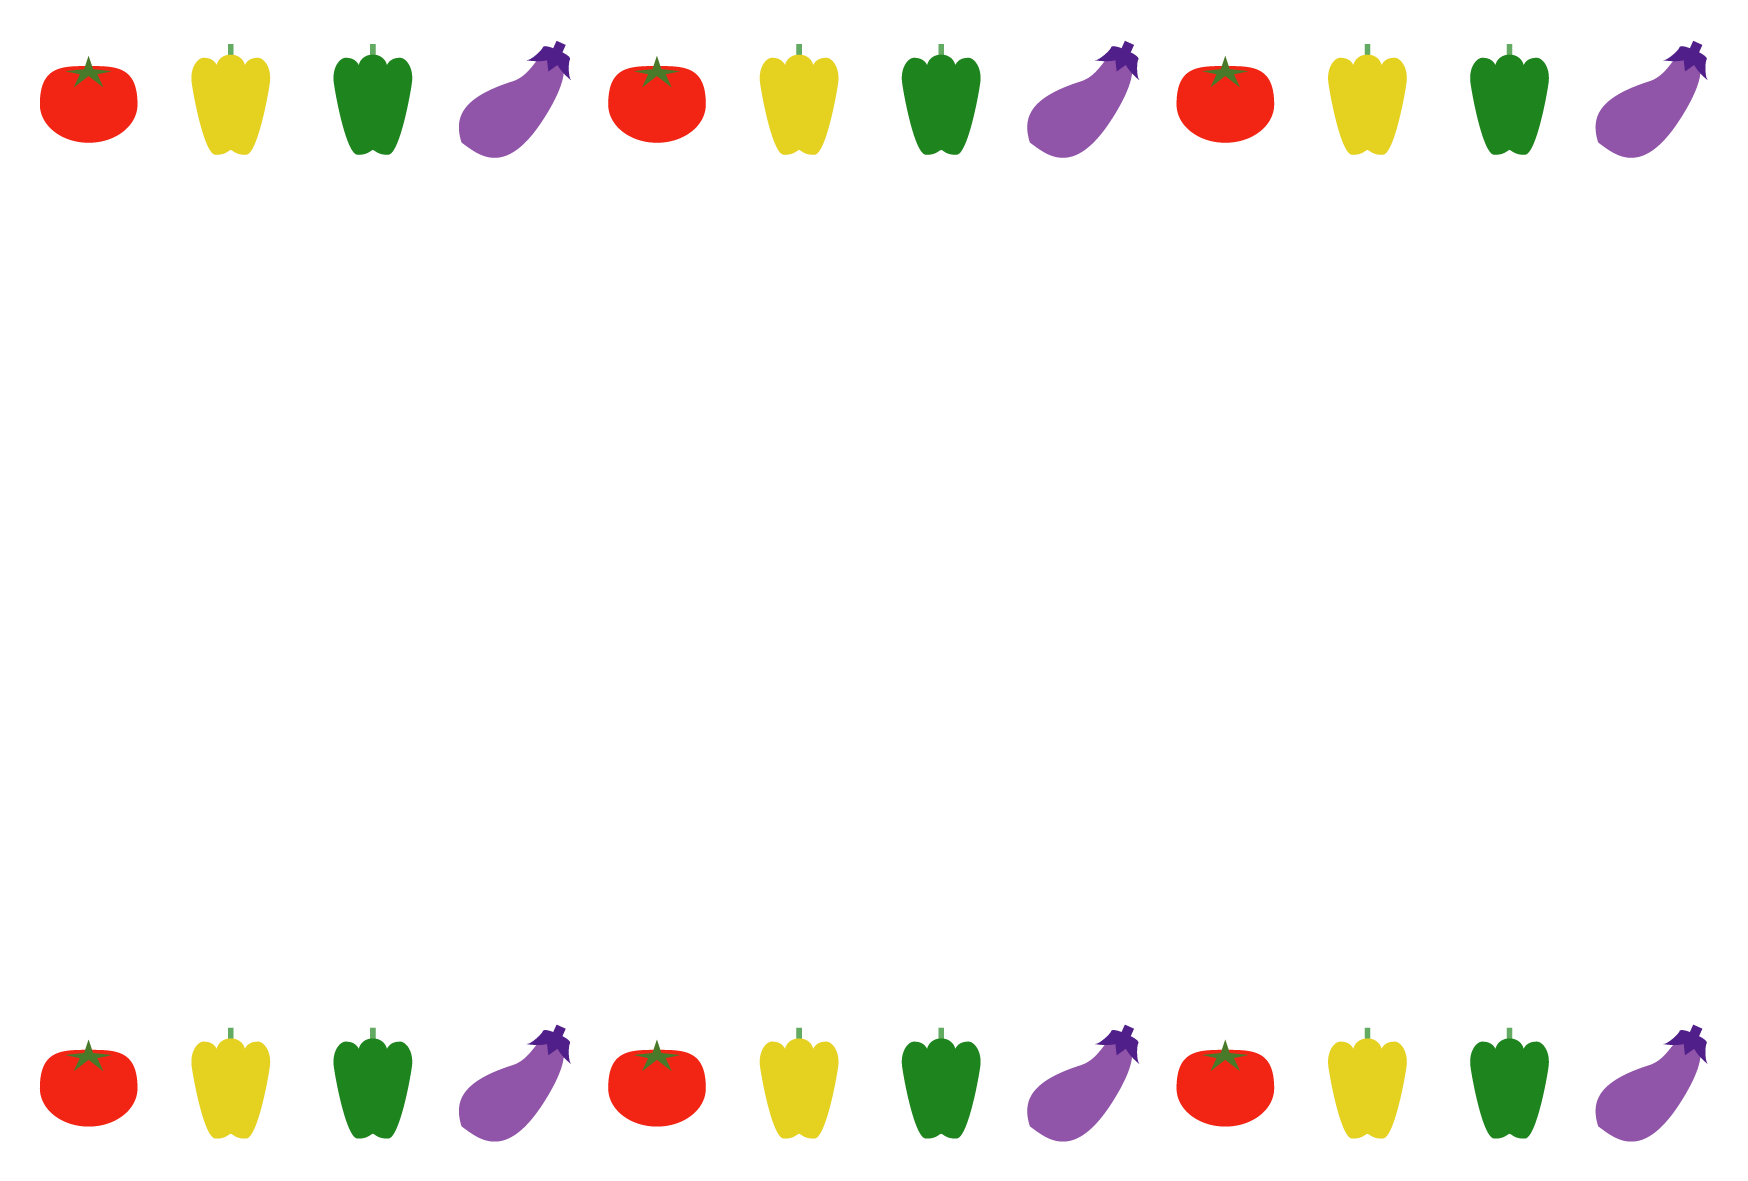 フリーイラスト素材 野菜ともだち Adobe Fireworks でアイコン